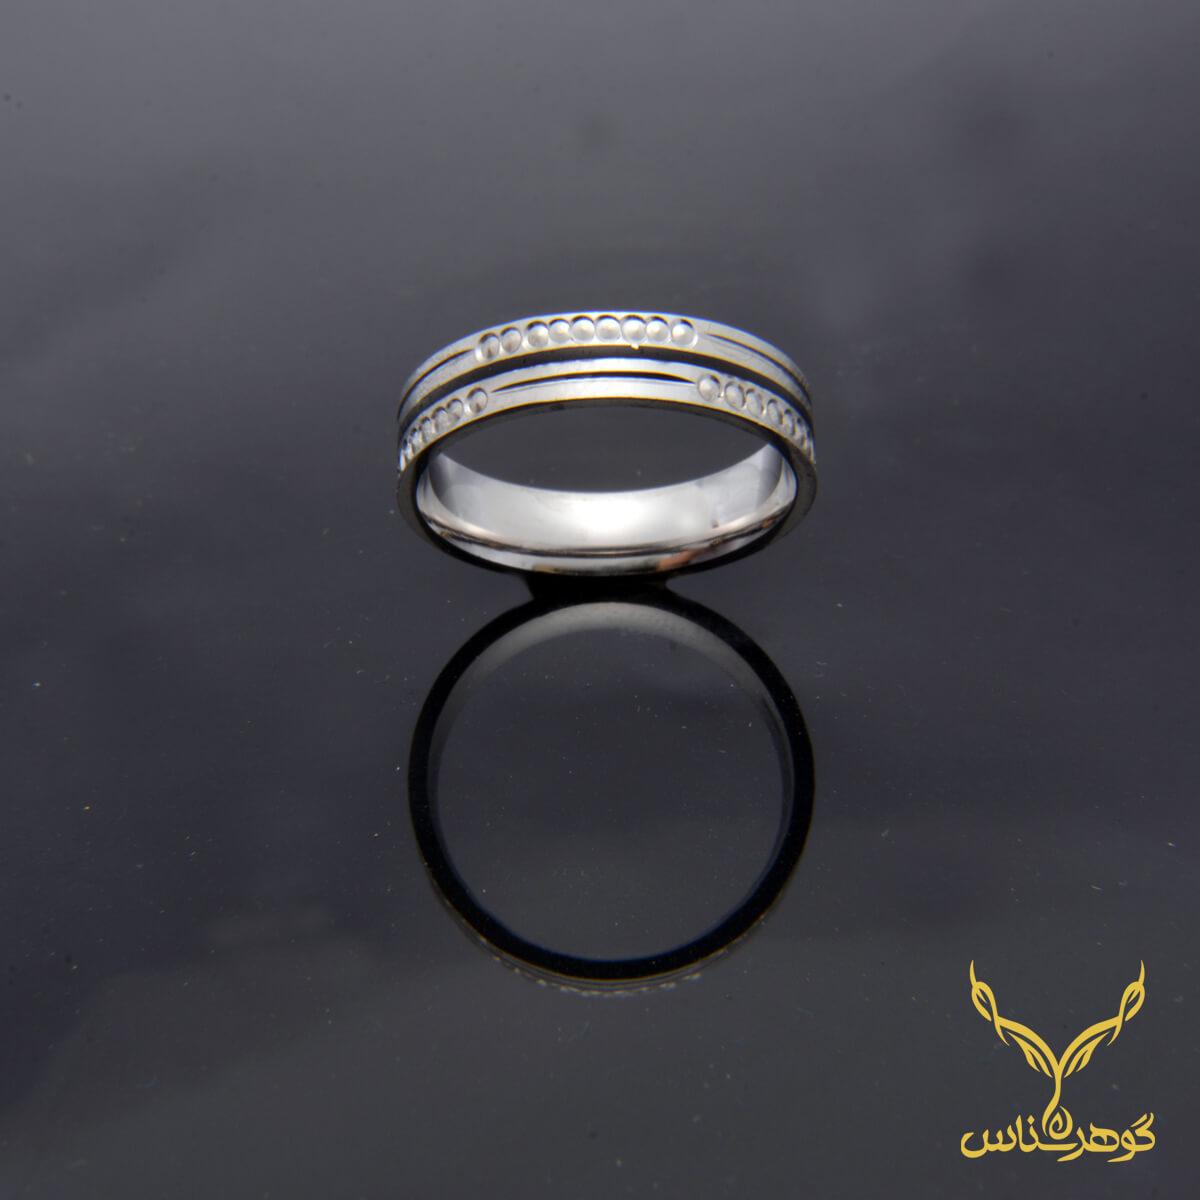 حلقه نقره مردانه کدK006 ضخامت و گرد بودن داخل حلقه و سطح صیقلی آن از مزایای بارز این حلقه به شمار میرود.فروشگاه آنلاین گوهرشناس